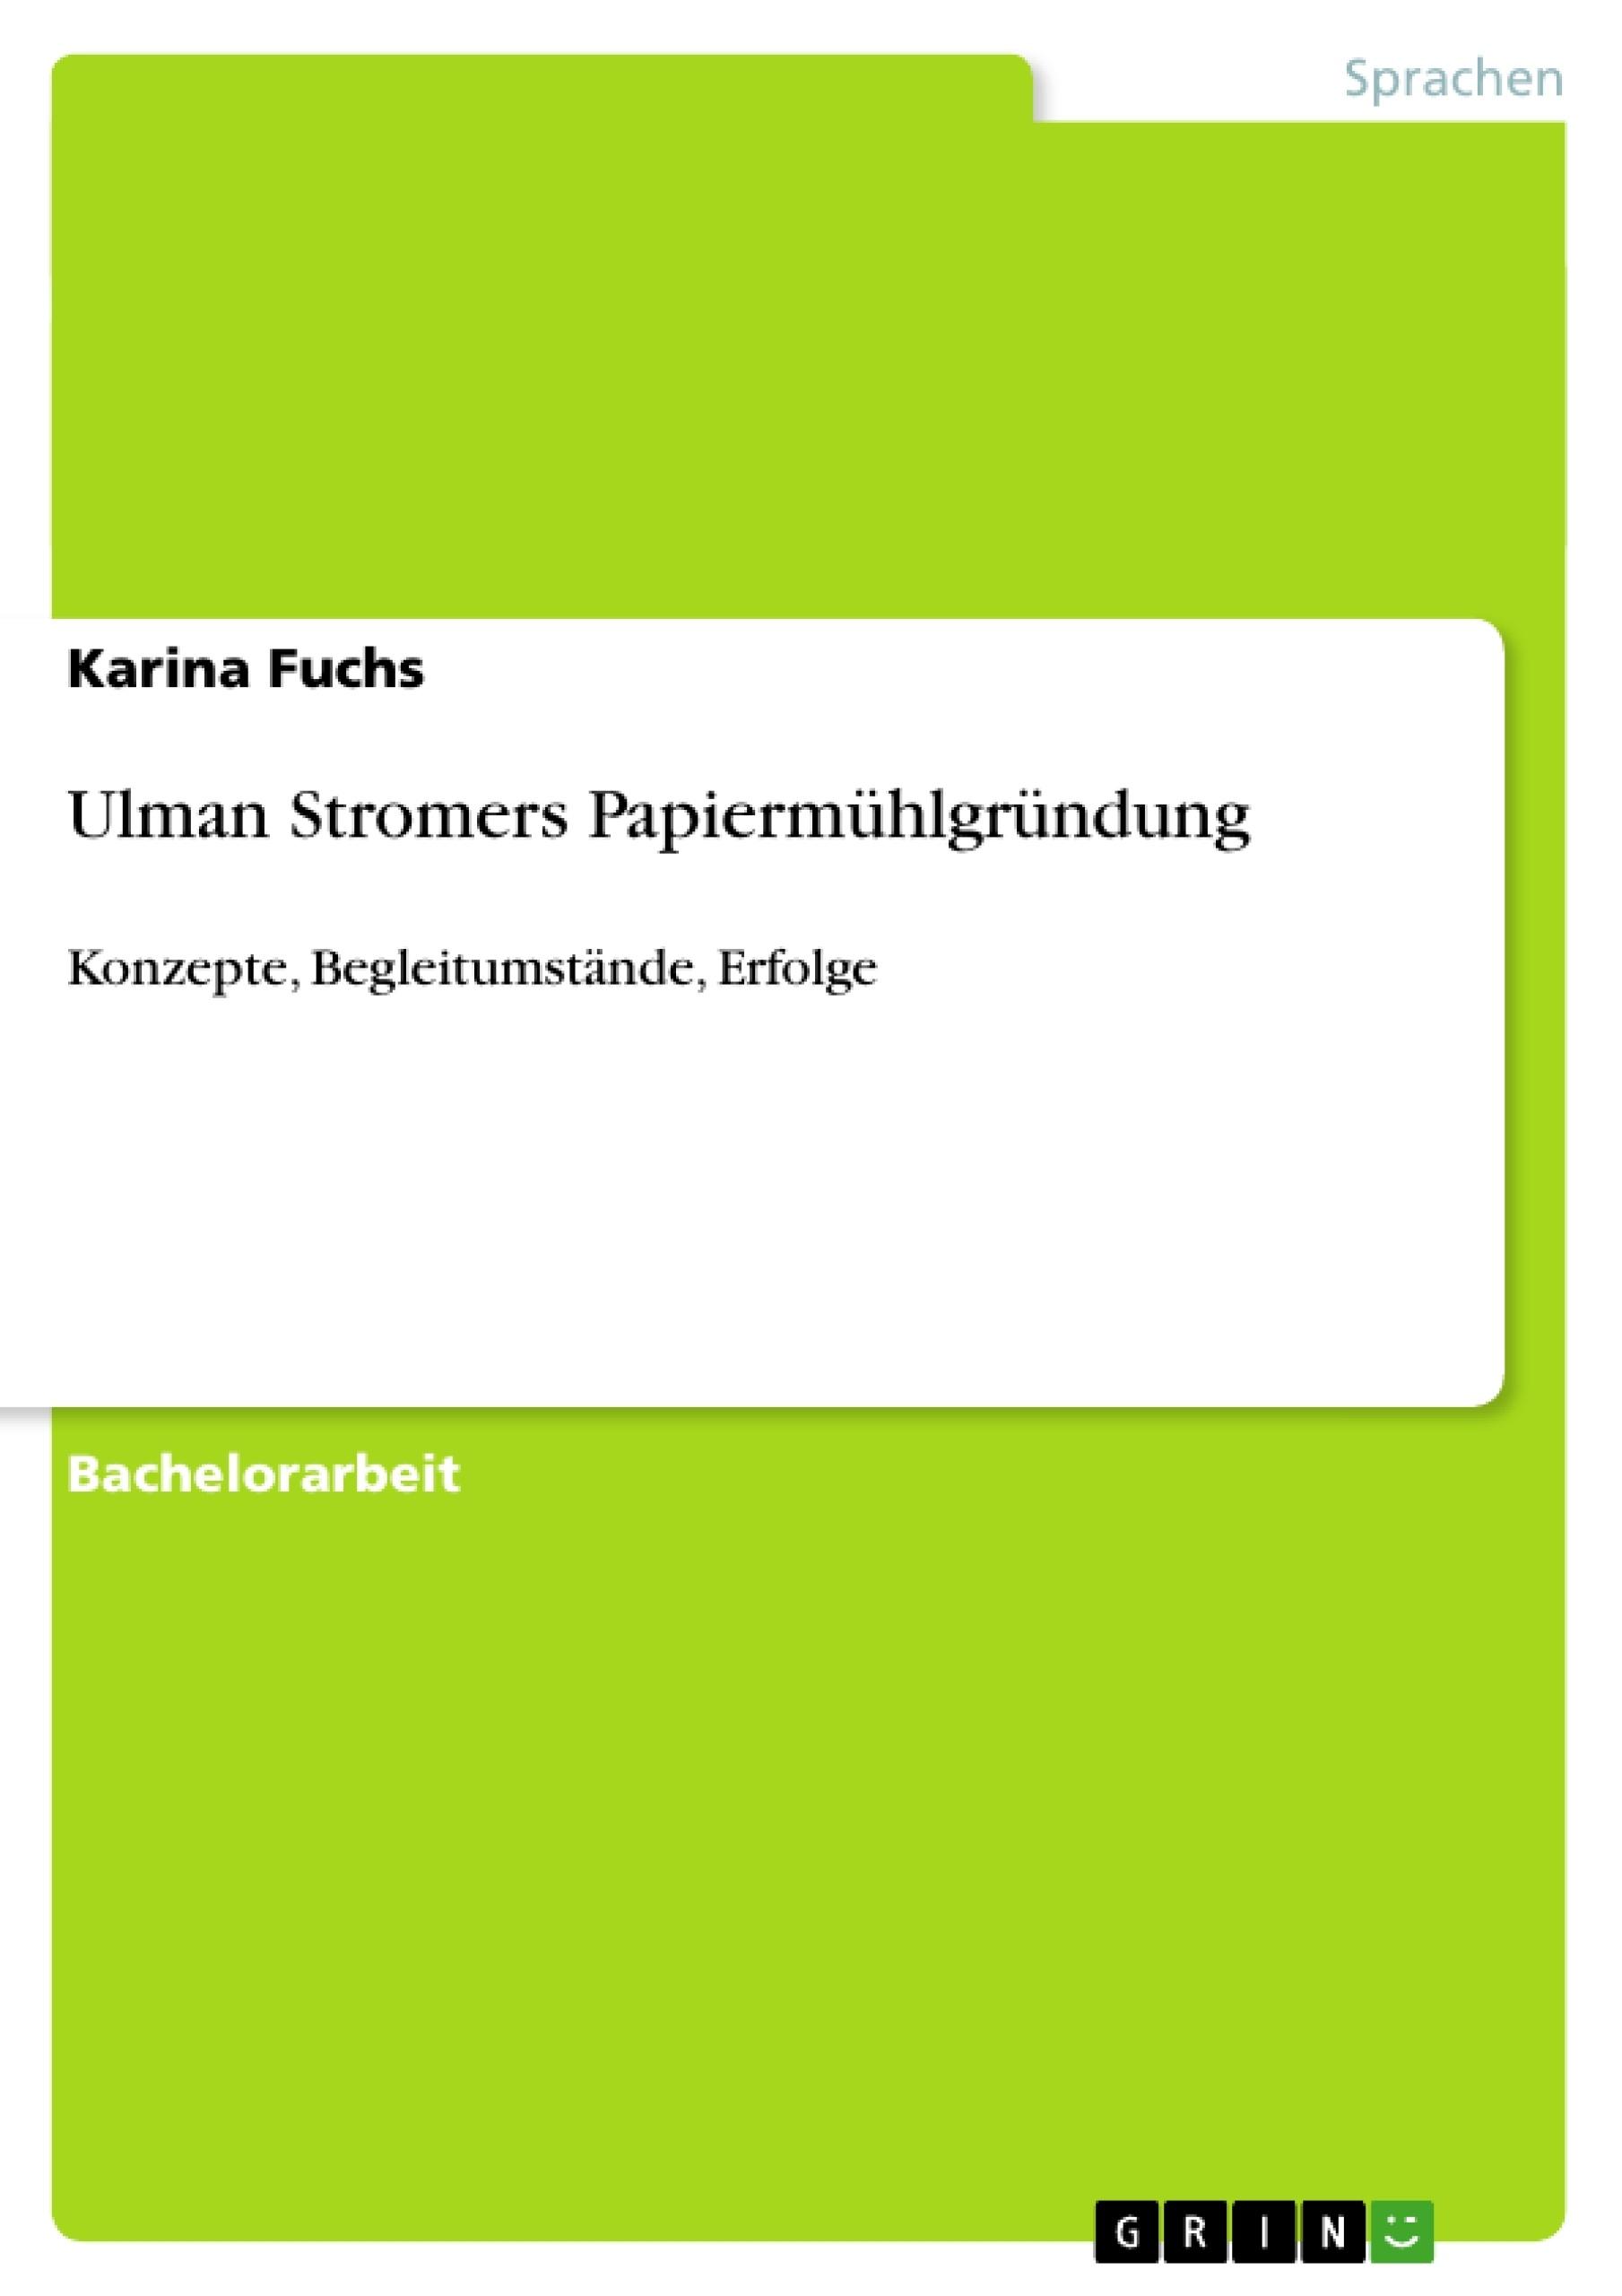 Titel: Ulman Stromers Papiermühlgründung